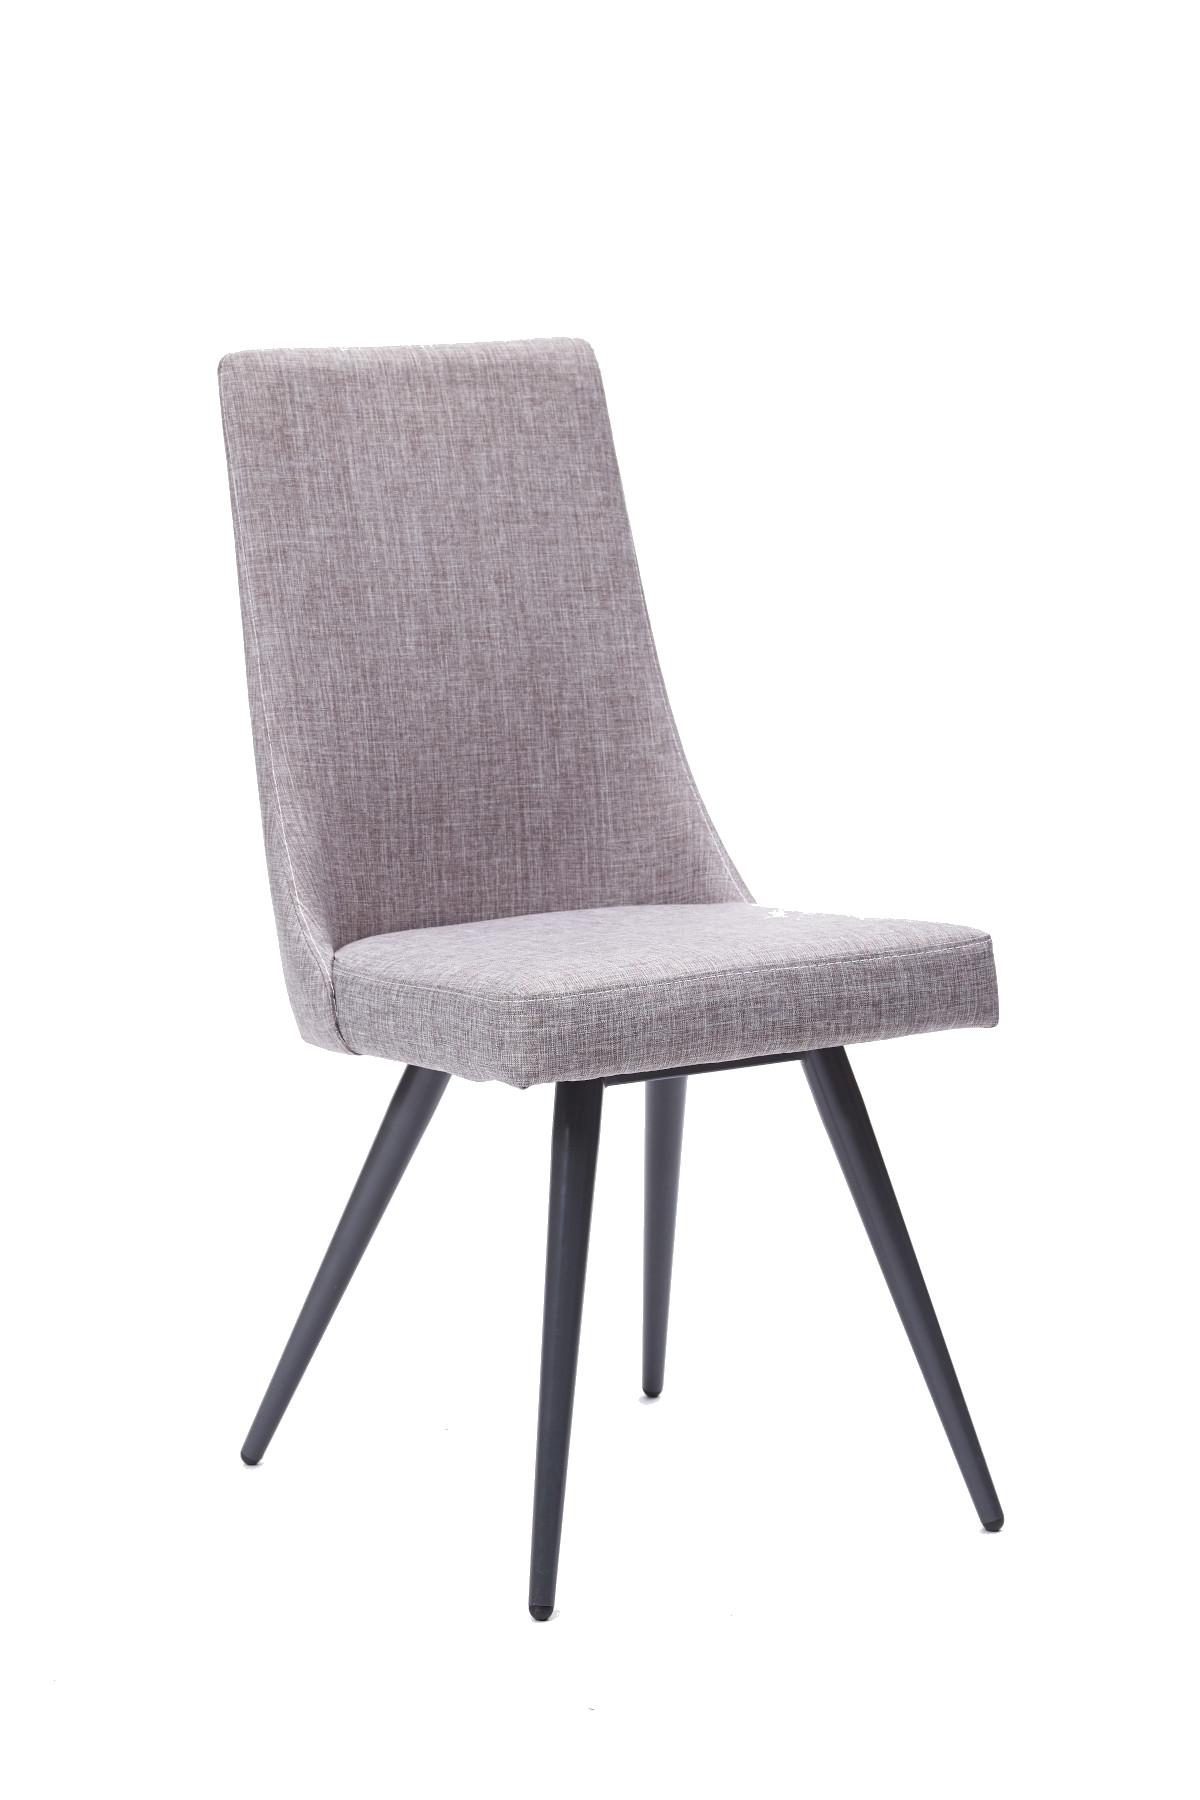 Reflex Evolution Chair